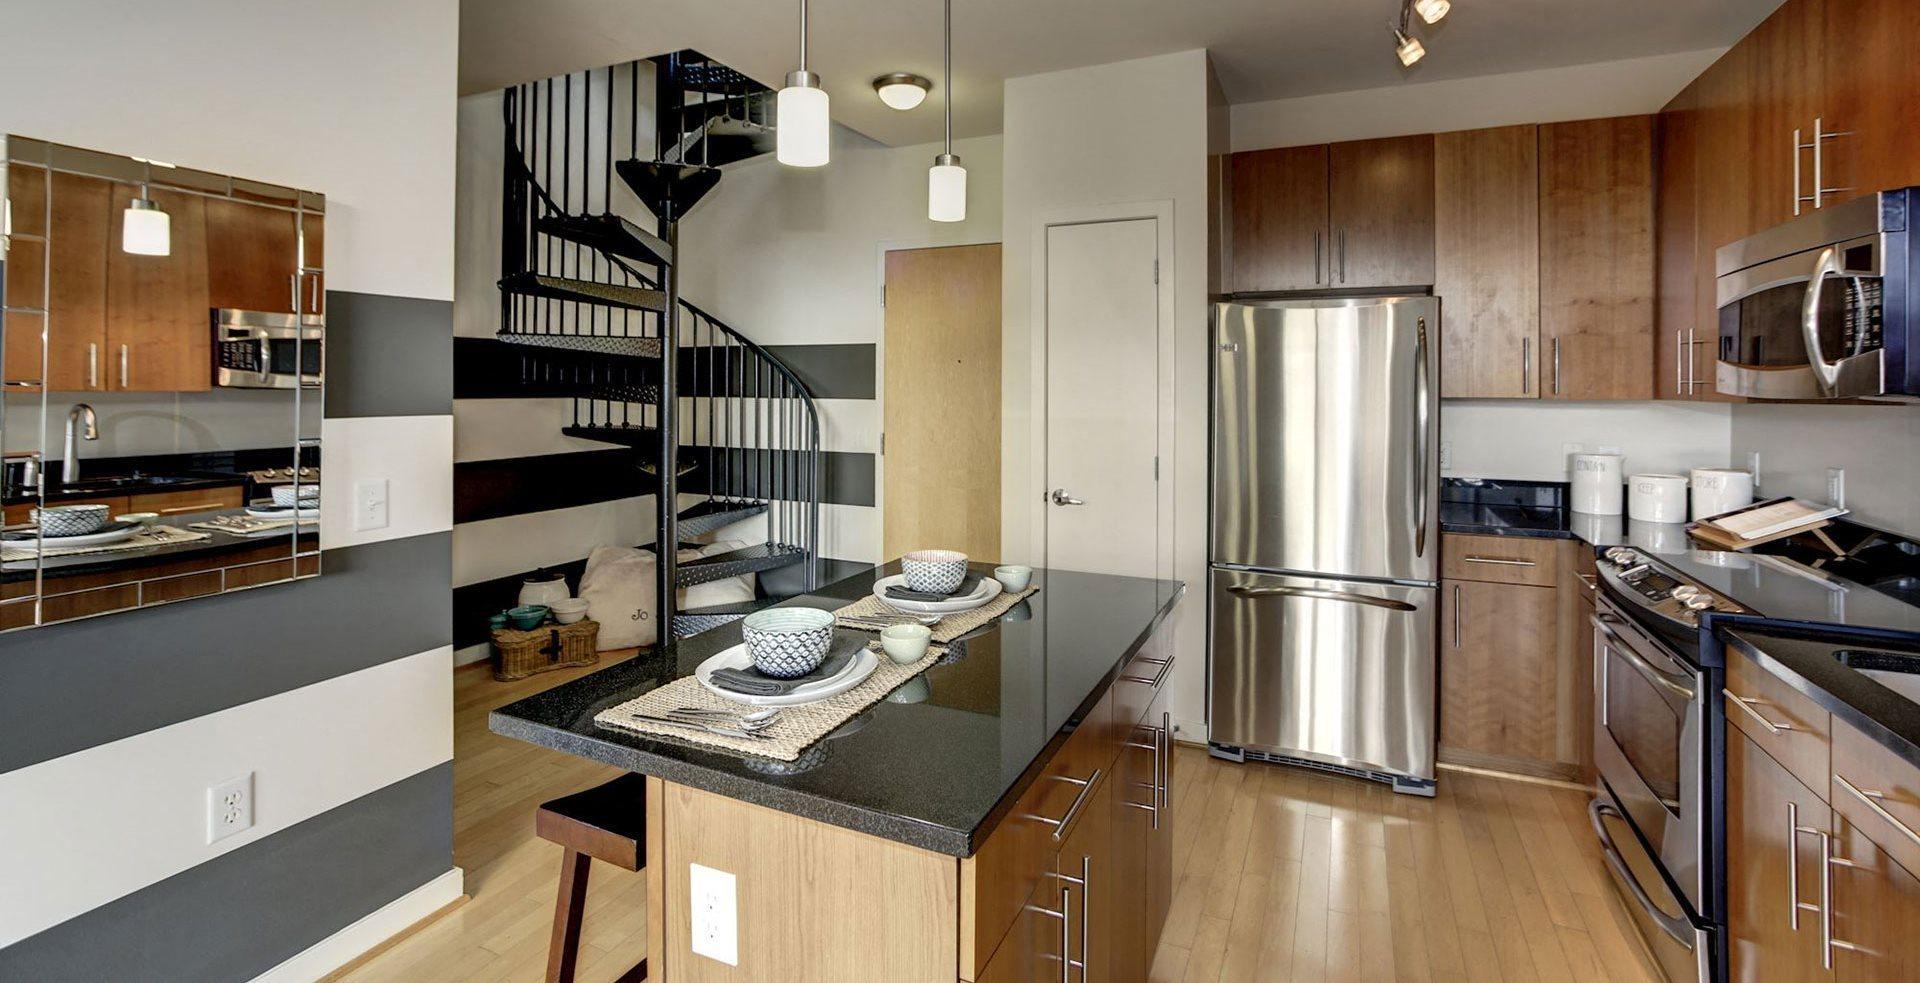 model kitchen - allegro washington DC  apartments